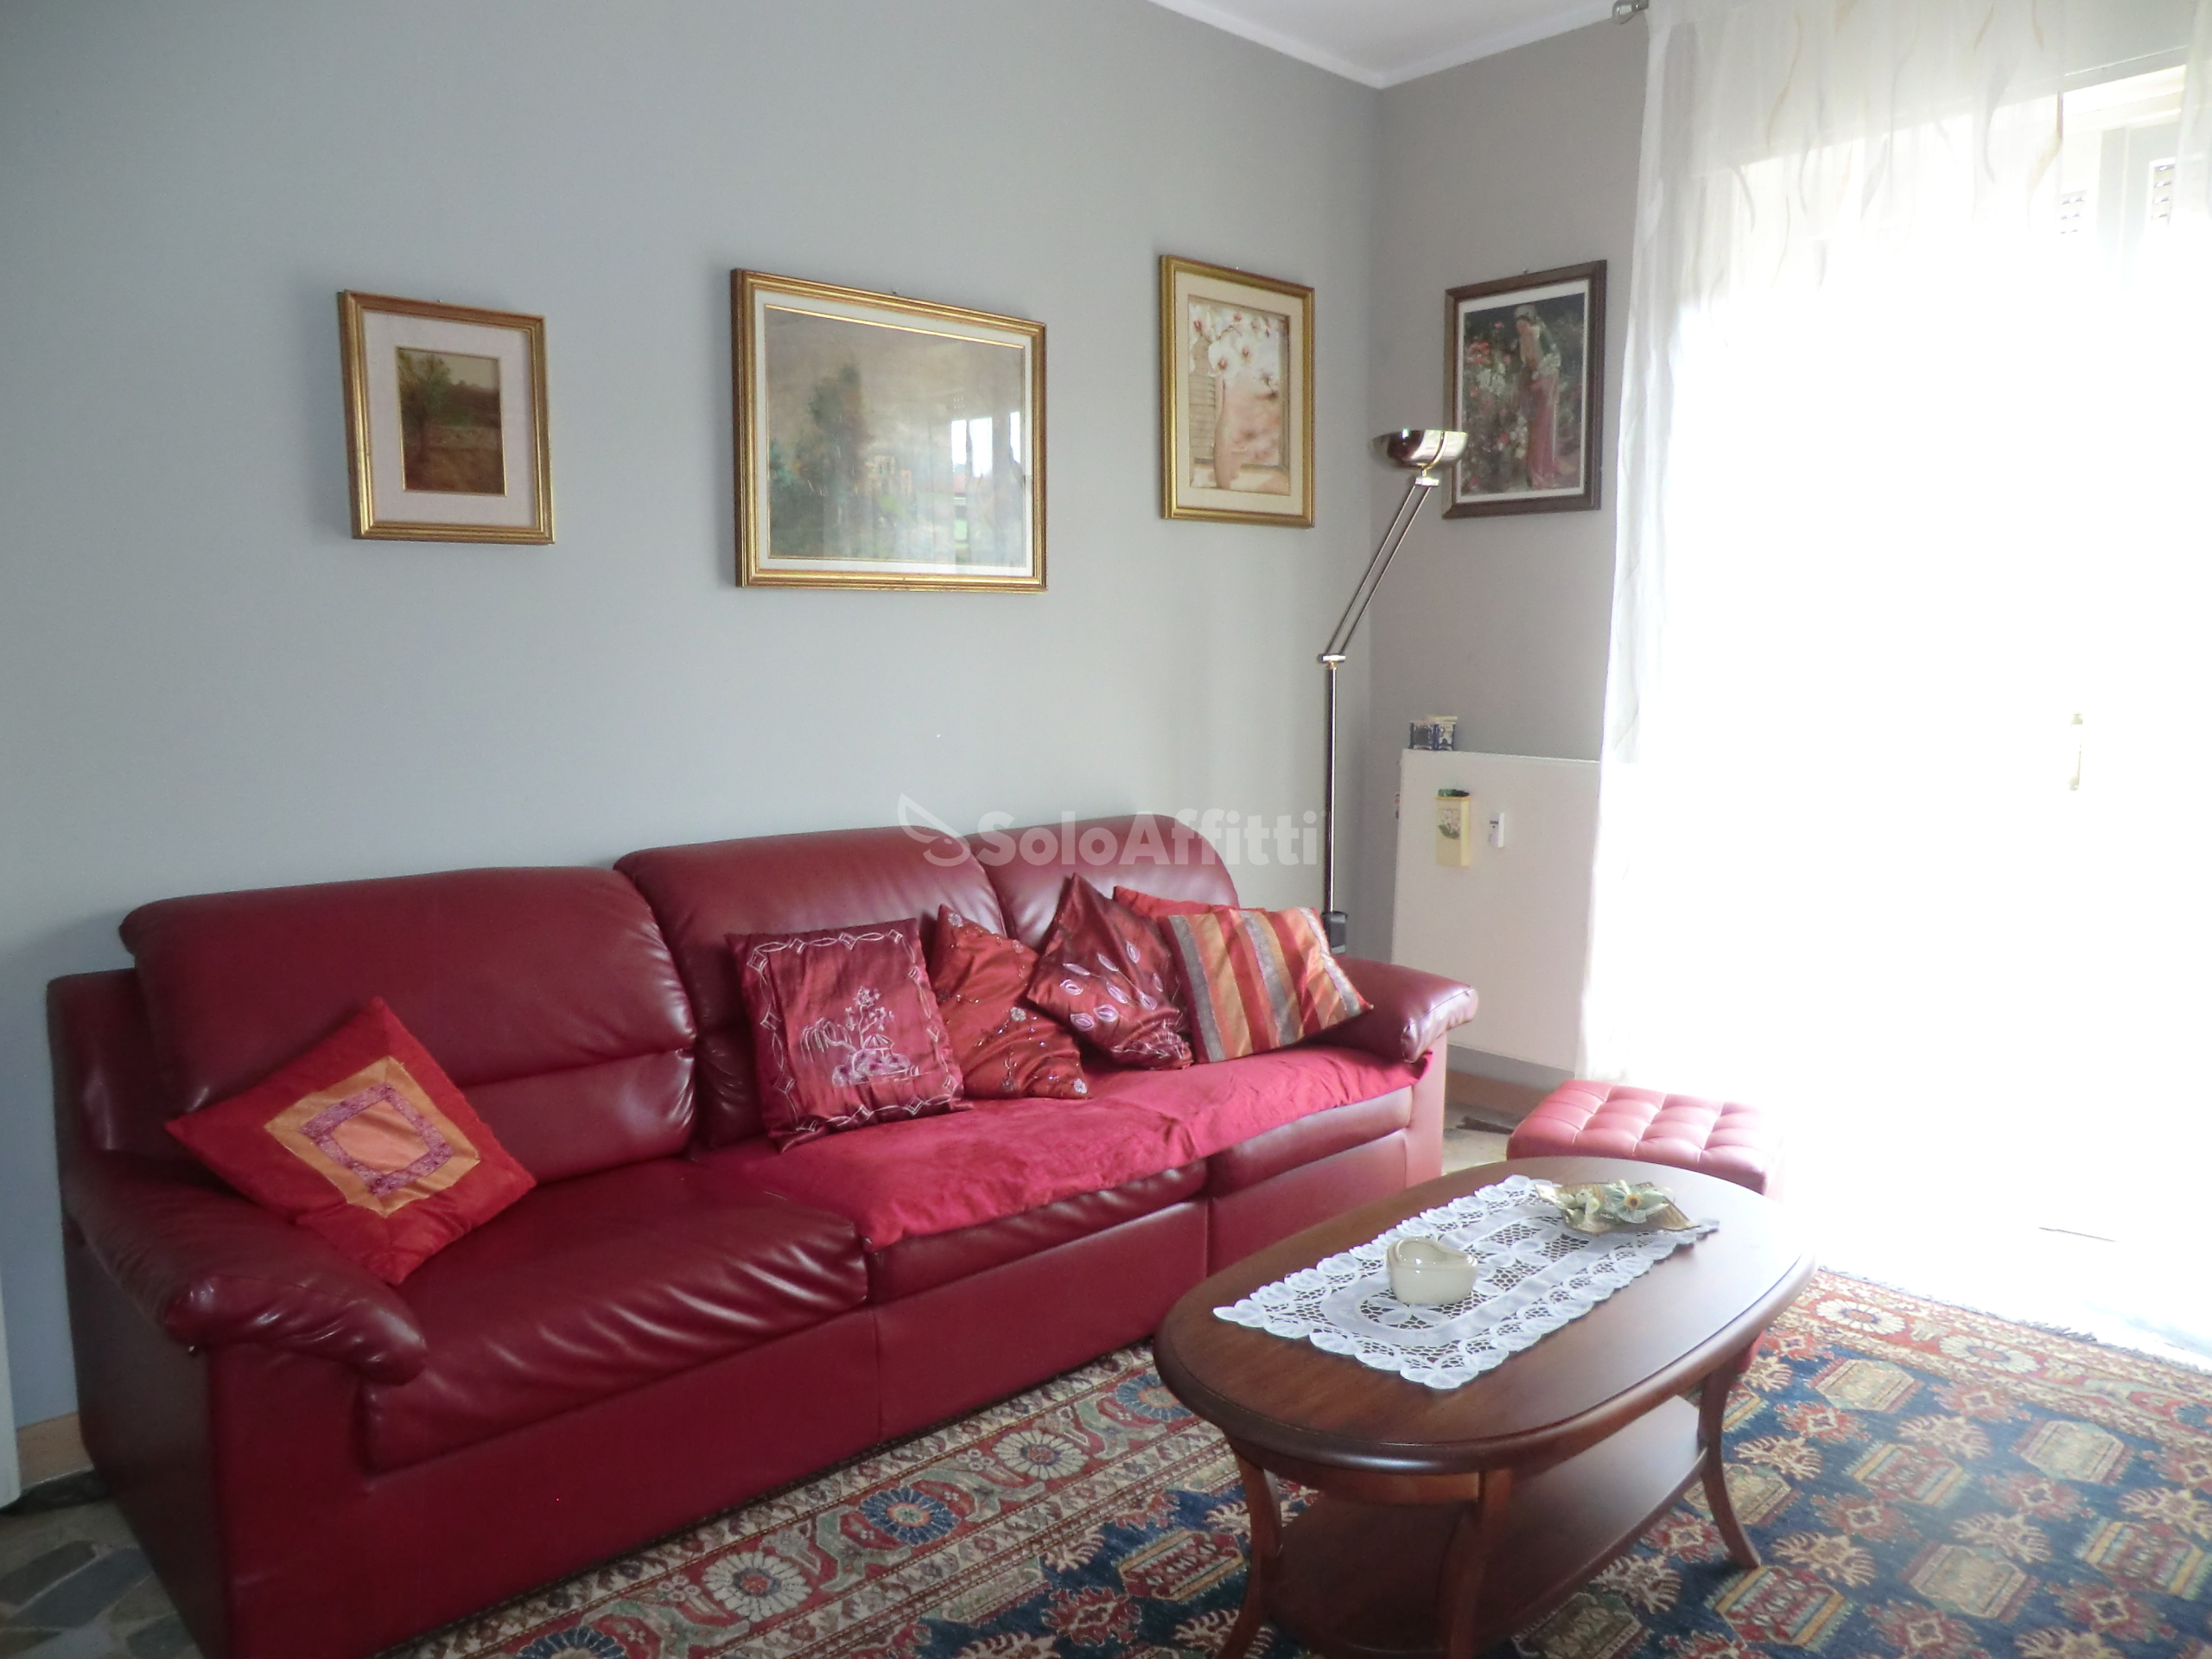 Appartamento Bilocale Arredato 63 mq.